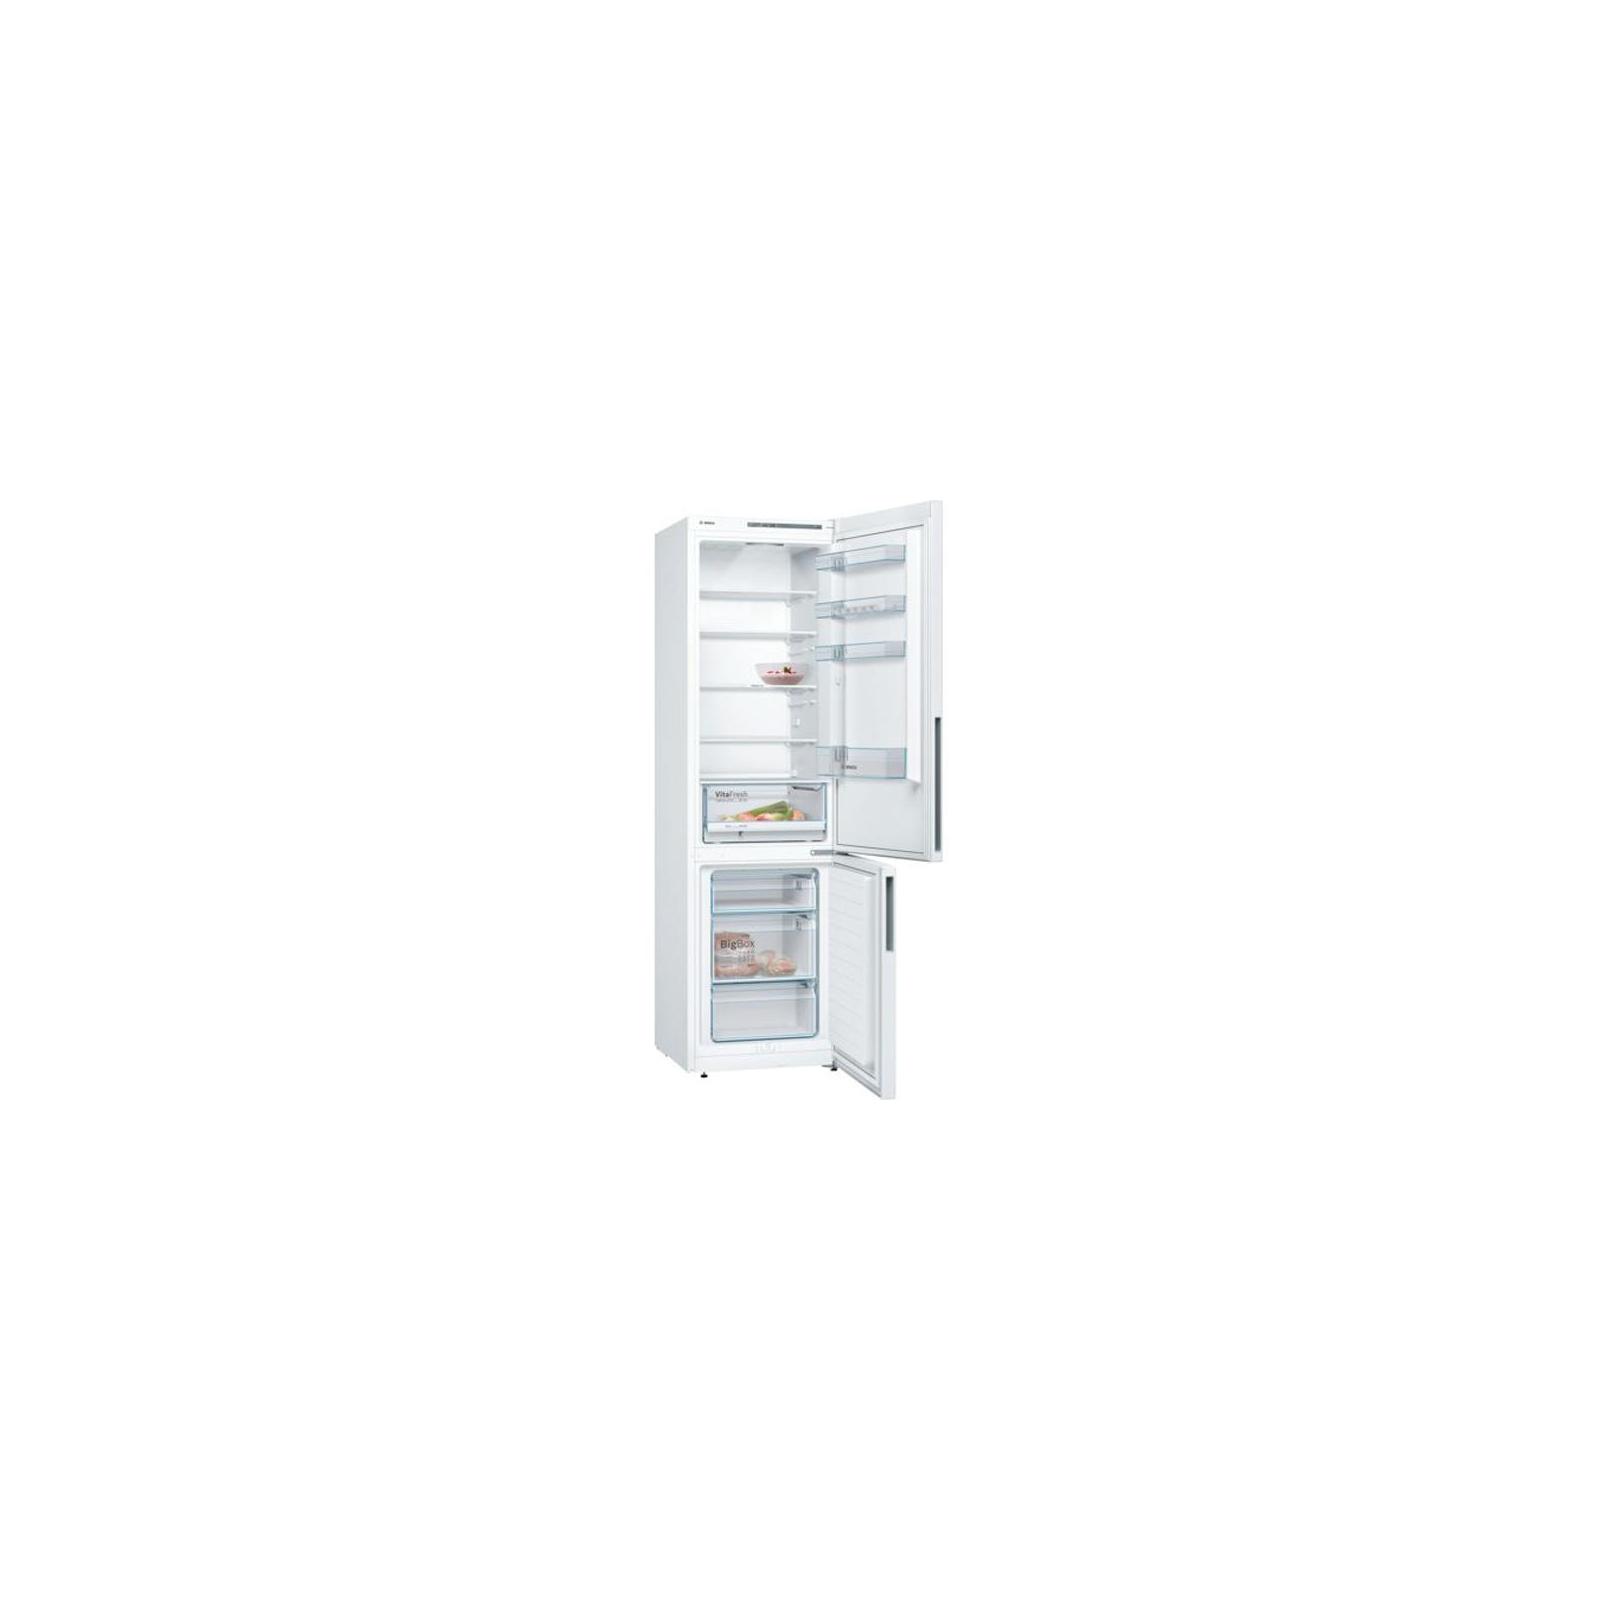 Холодильник BOSCH HA KGV39VW316 изображение 2